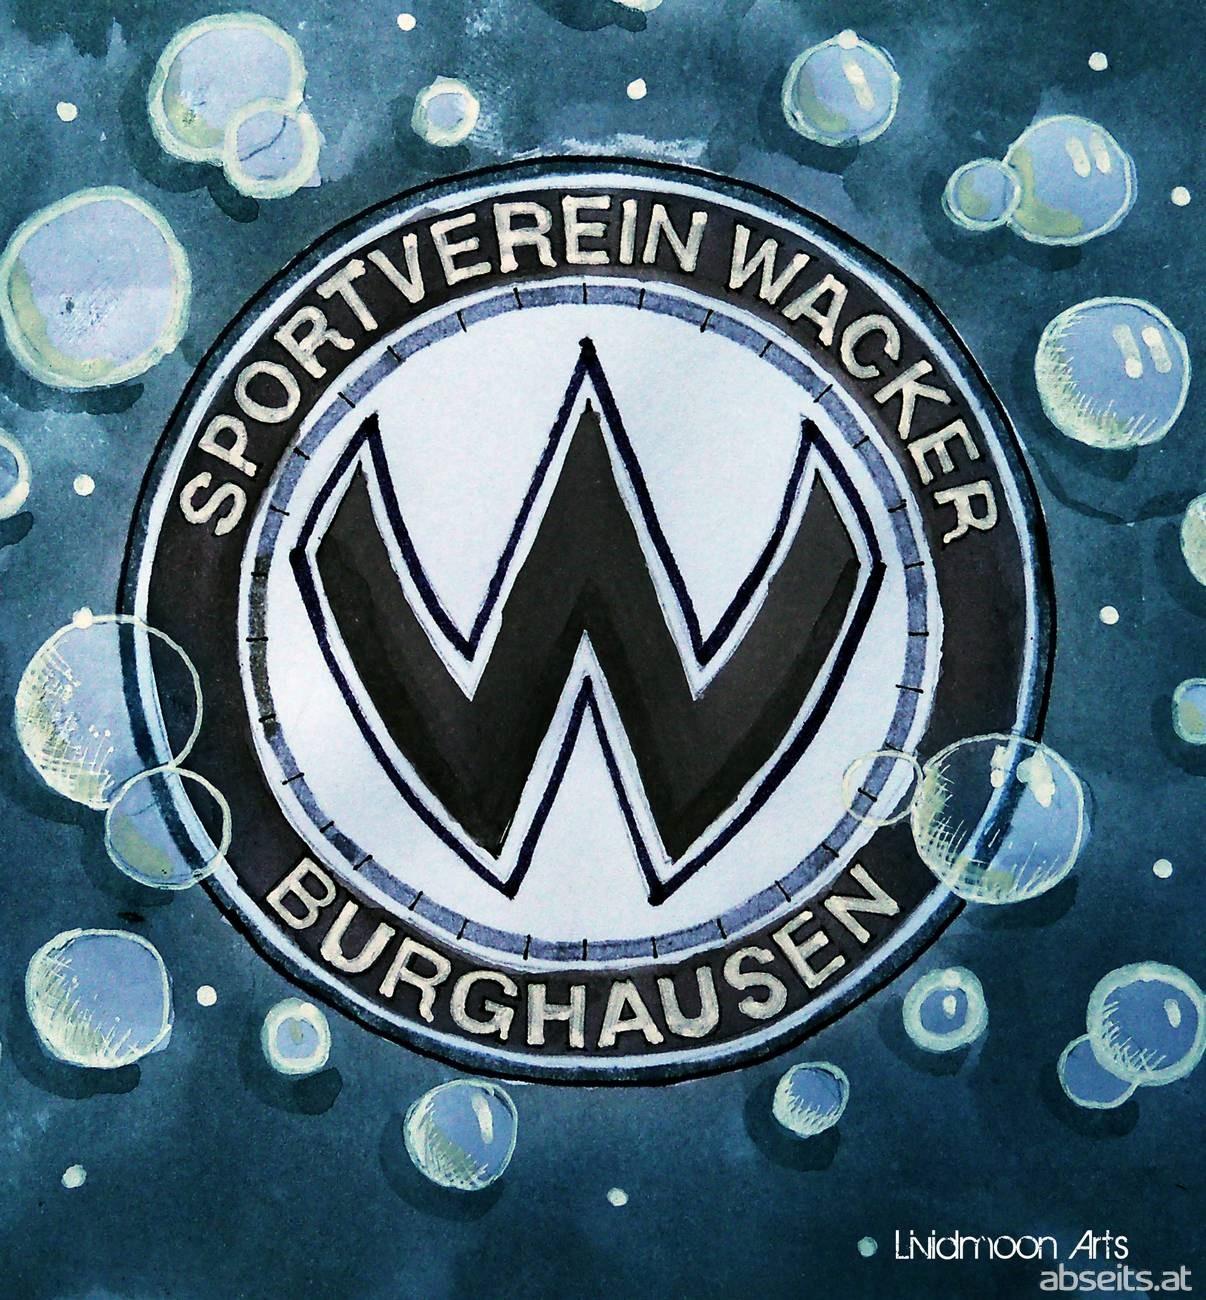 FC Wacker Burghausen Wappen_abseits.at